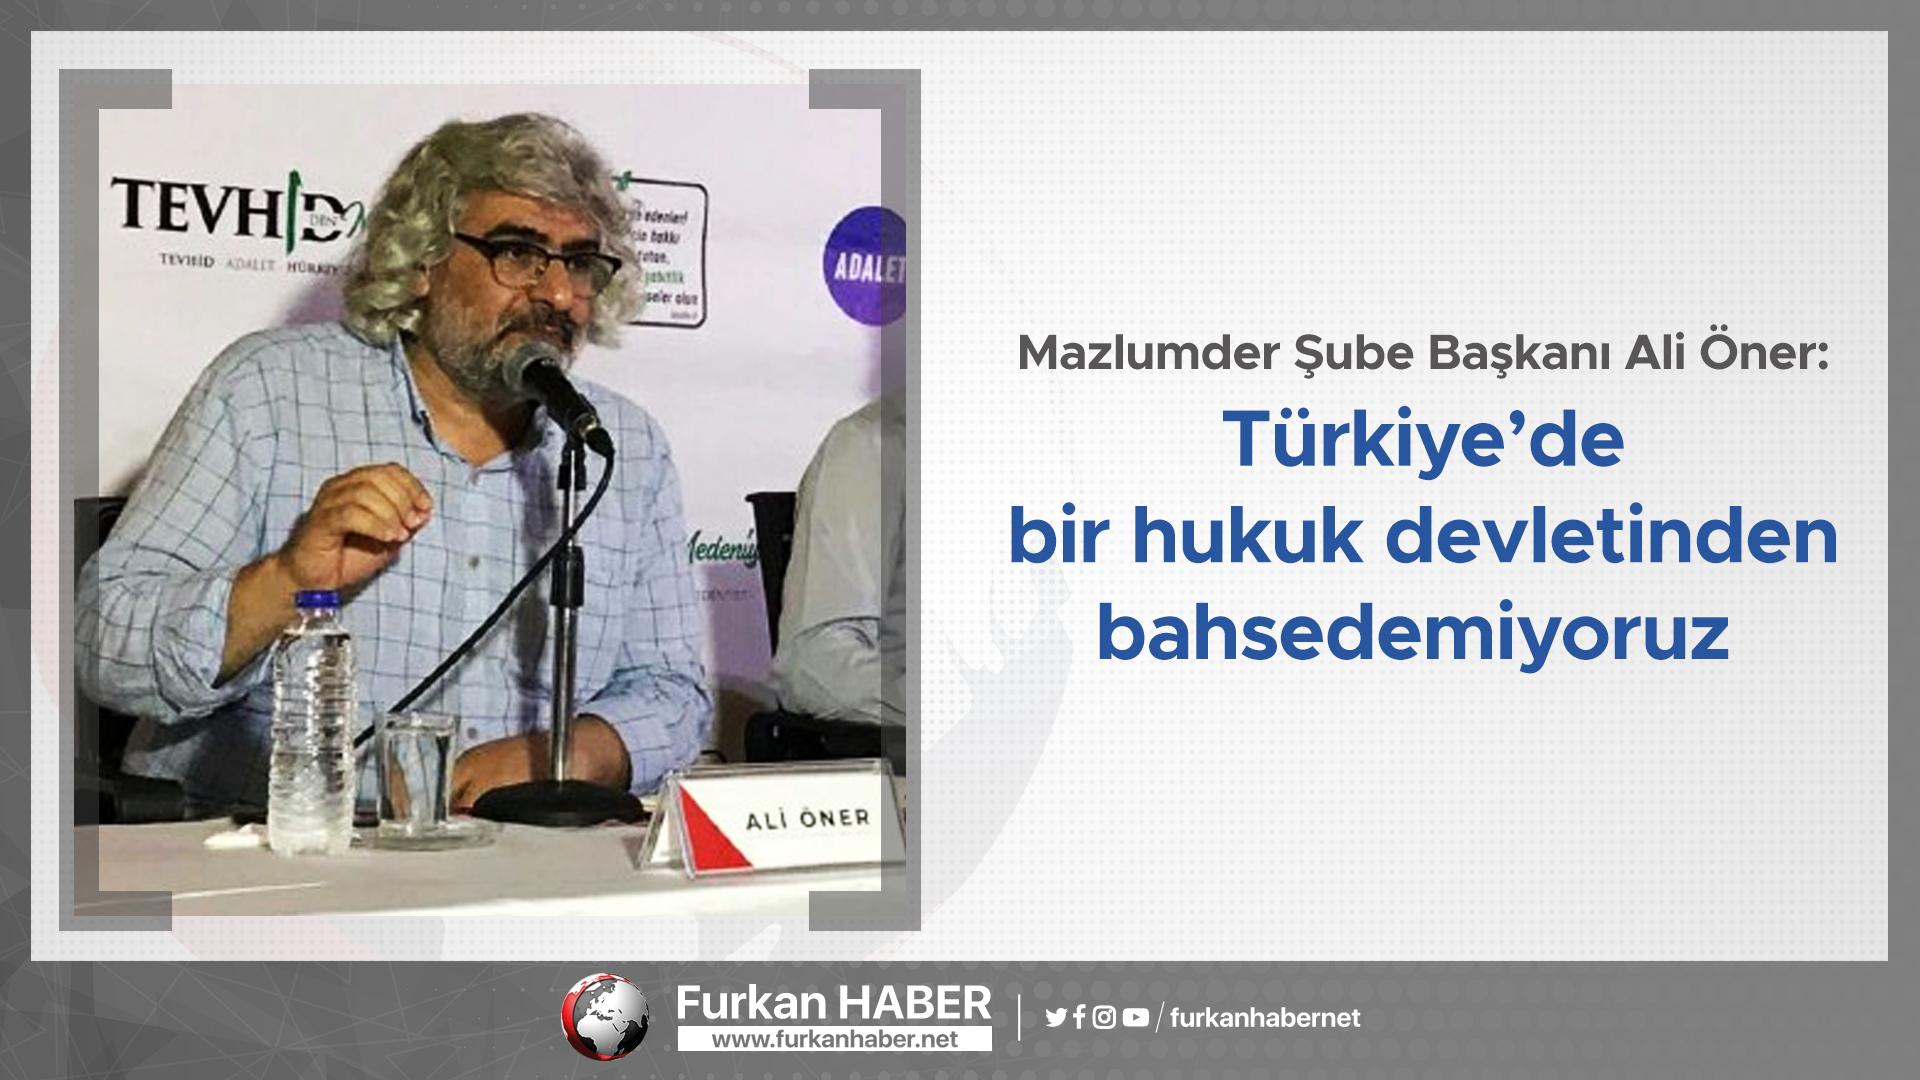 Mazlumder Şube Başkanı Ali Öner: Türkiye'de bir hukuk devletinden bahsedemiyoruz